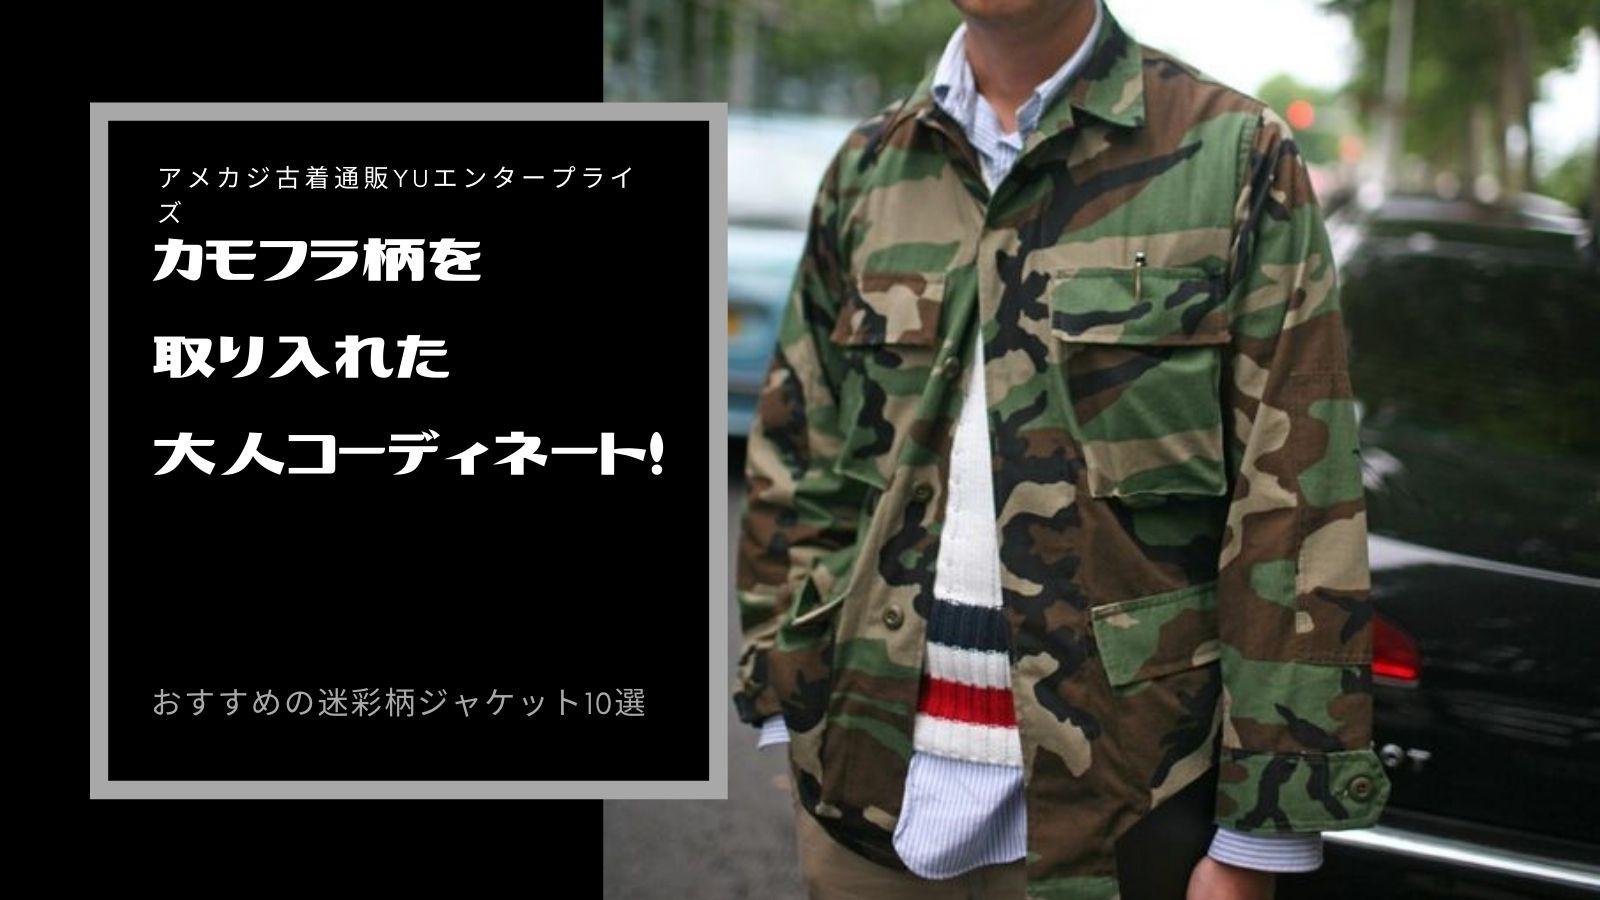 カモフラ柄を取り入れた大人コーディネート!おすすめの迷彩柄ジャケット10選!